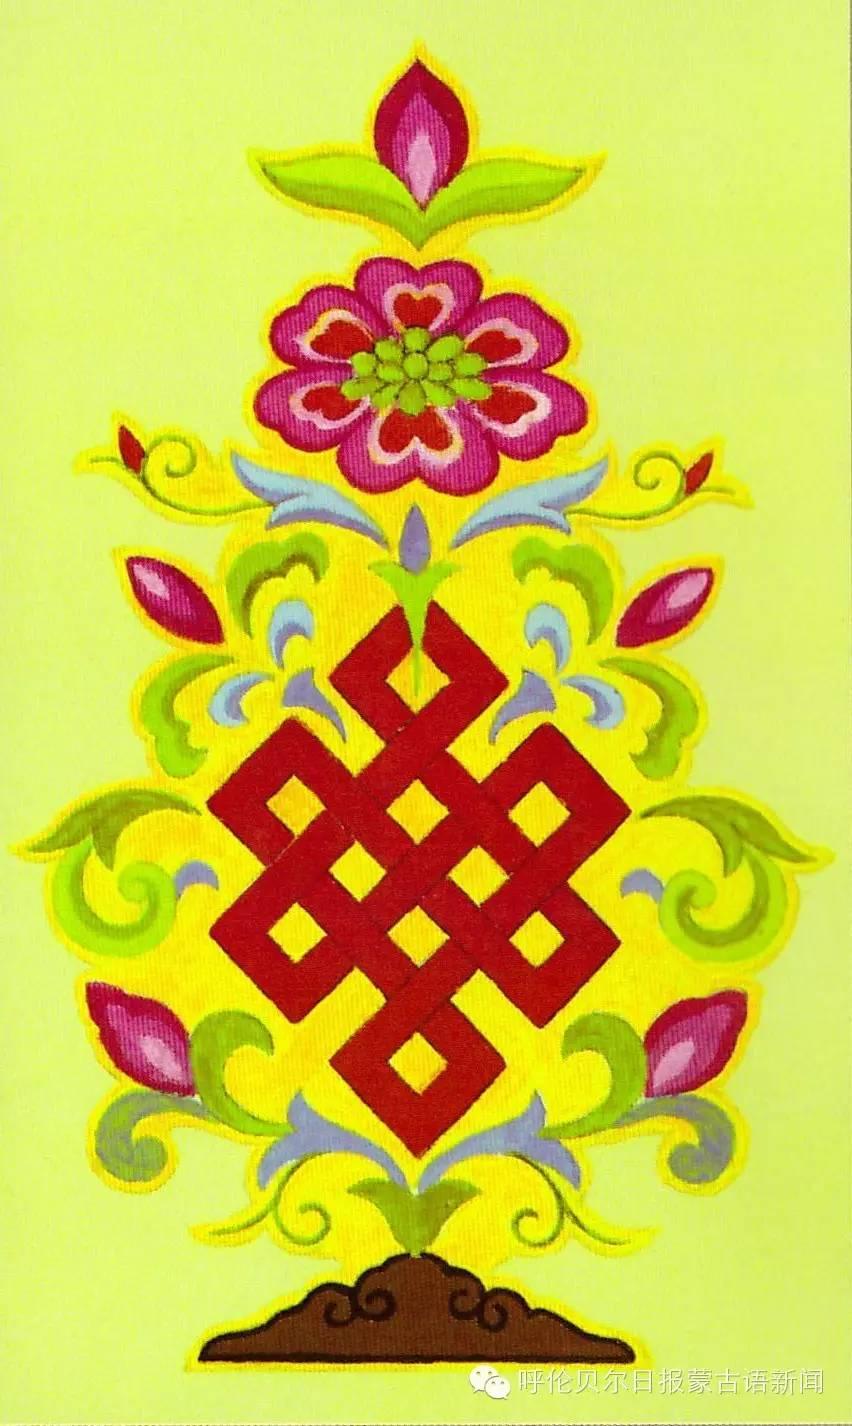 巴尔虎蒙古族花纹工艺欣赏 第6张